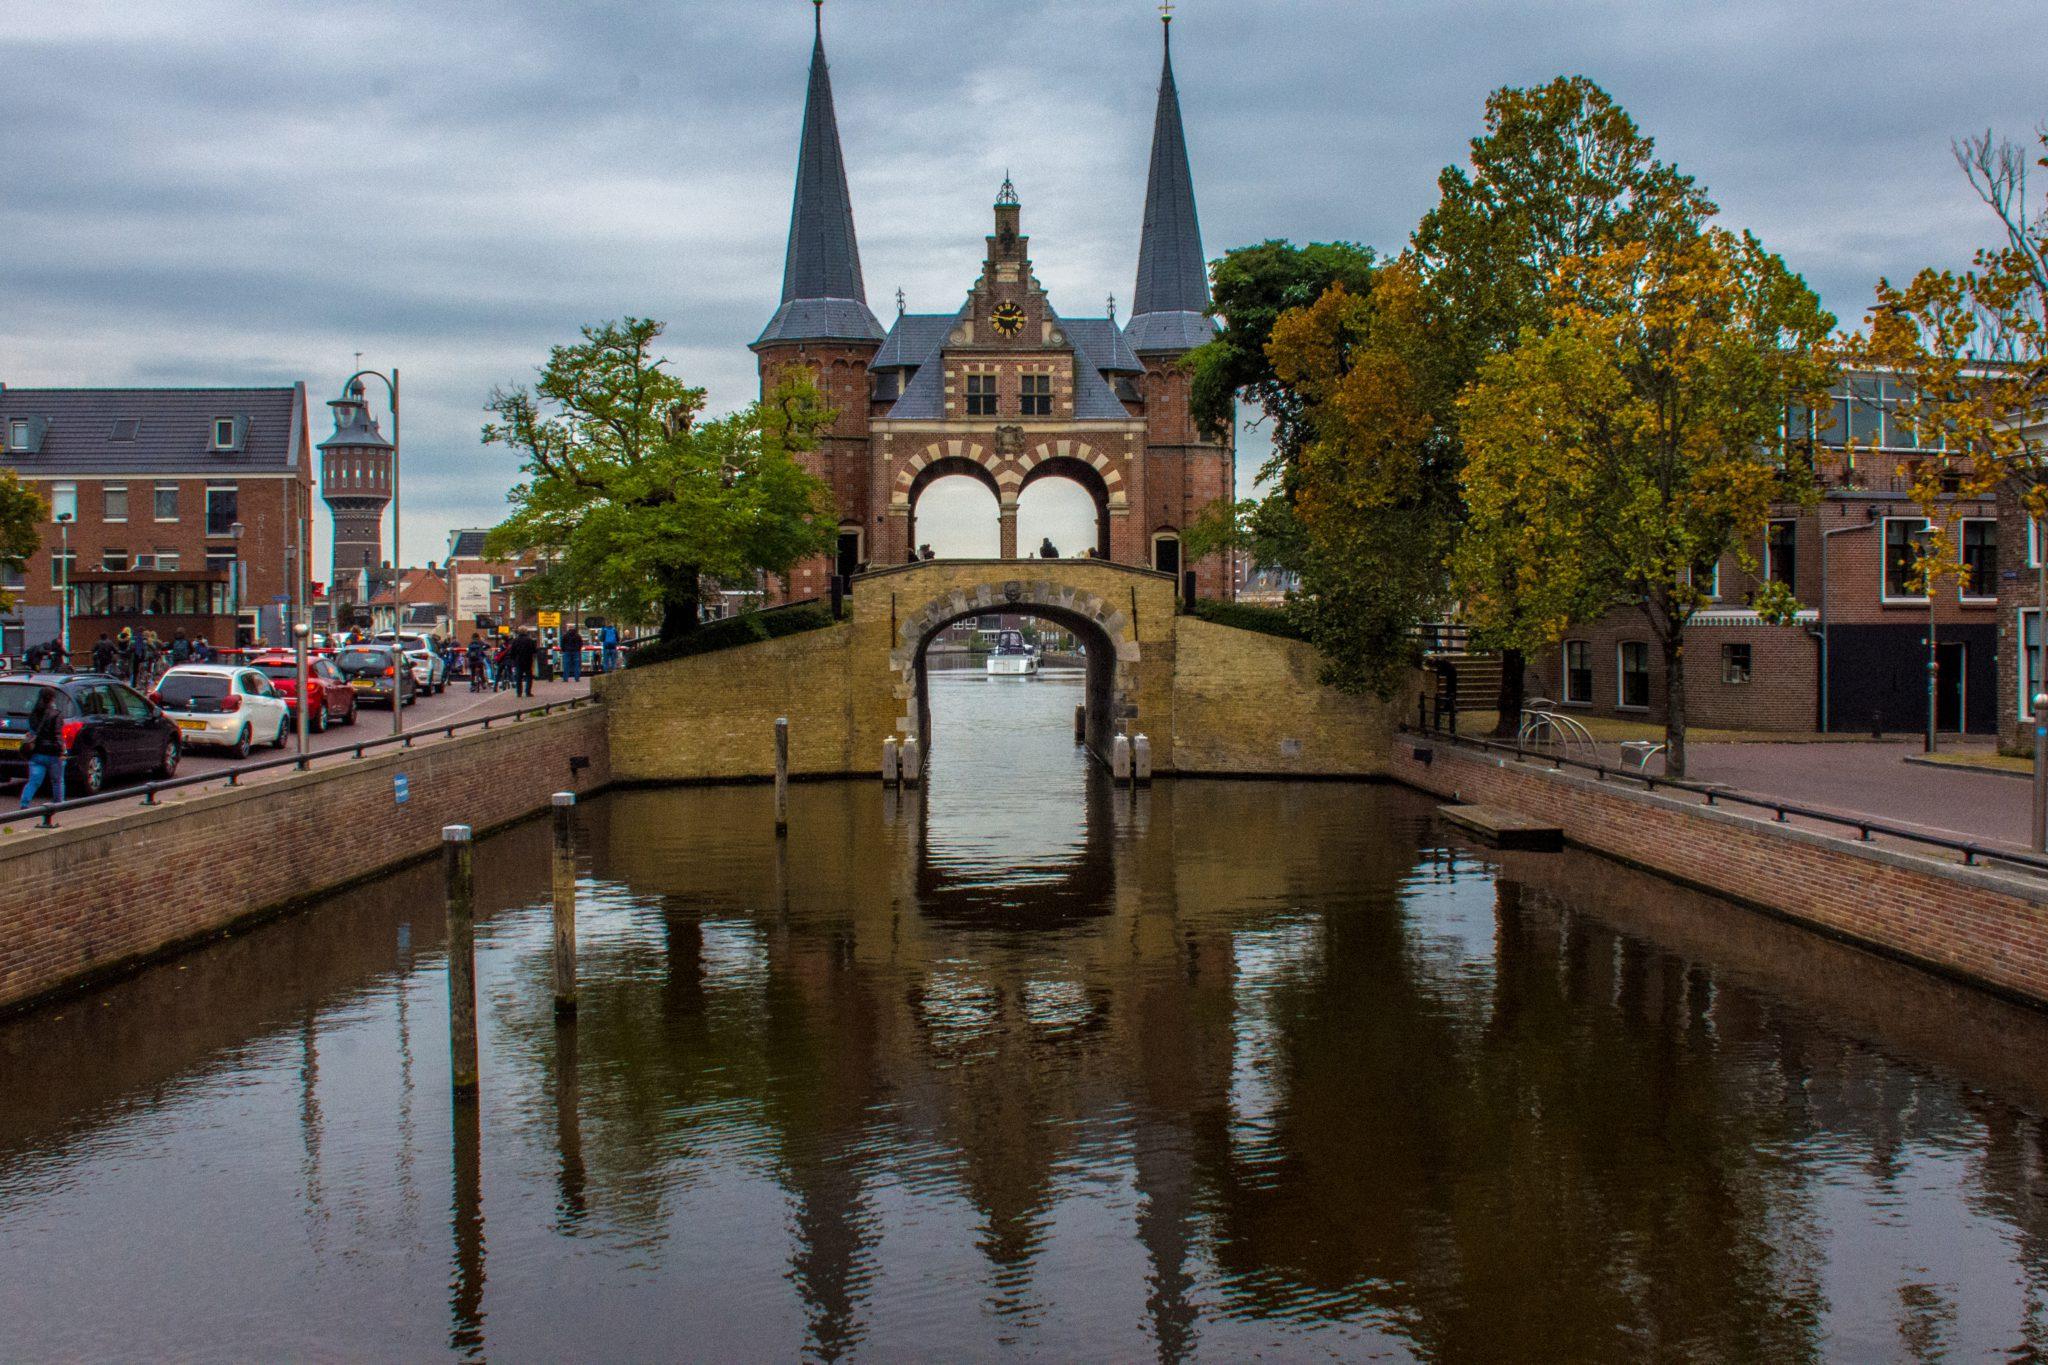 De Waterpoort van Sneek: misschien wel het bekendste gebouw van Friesland.